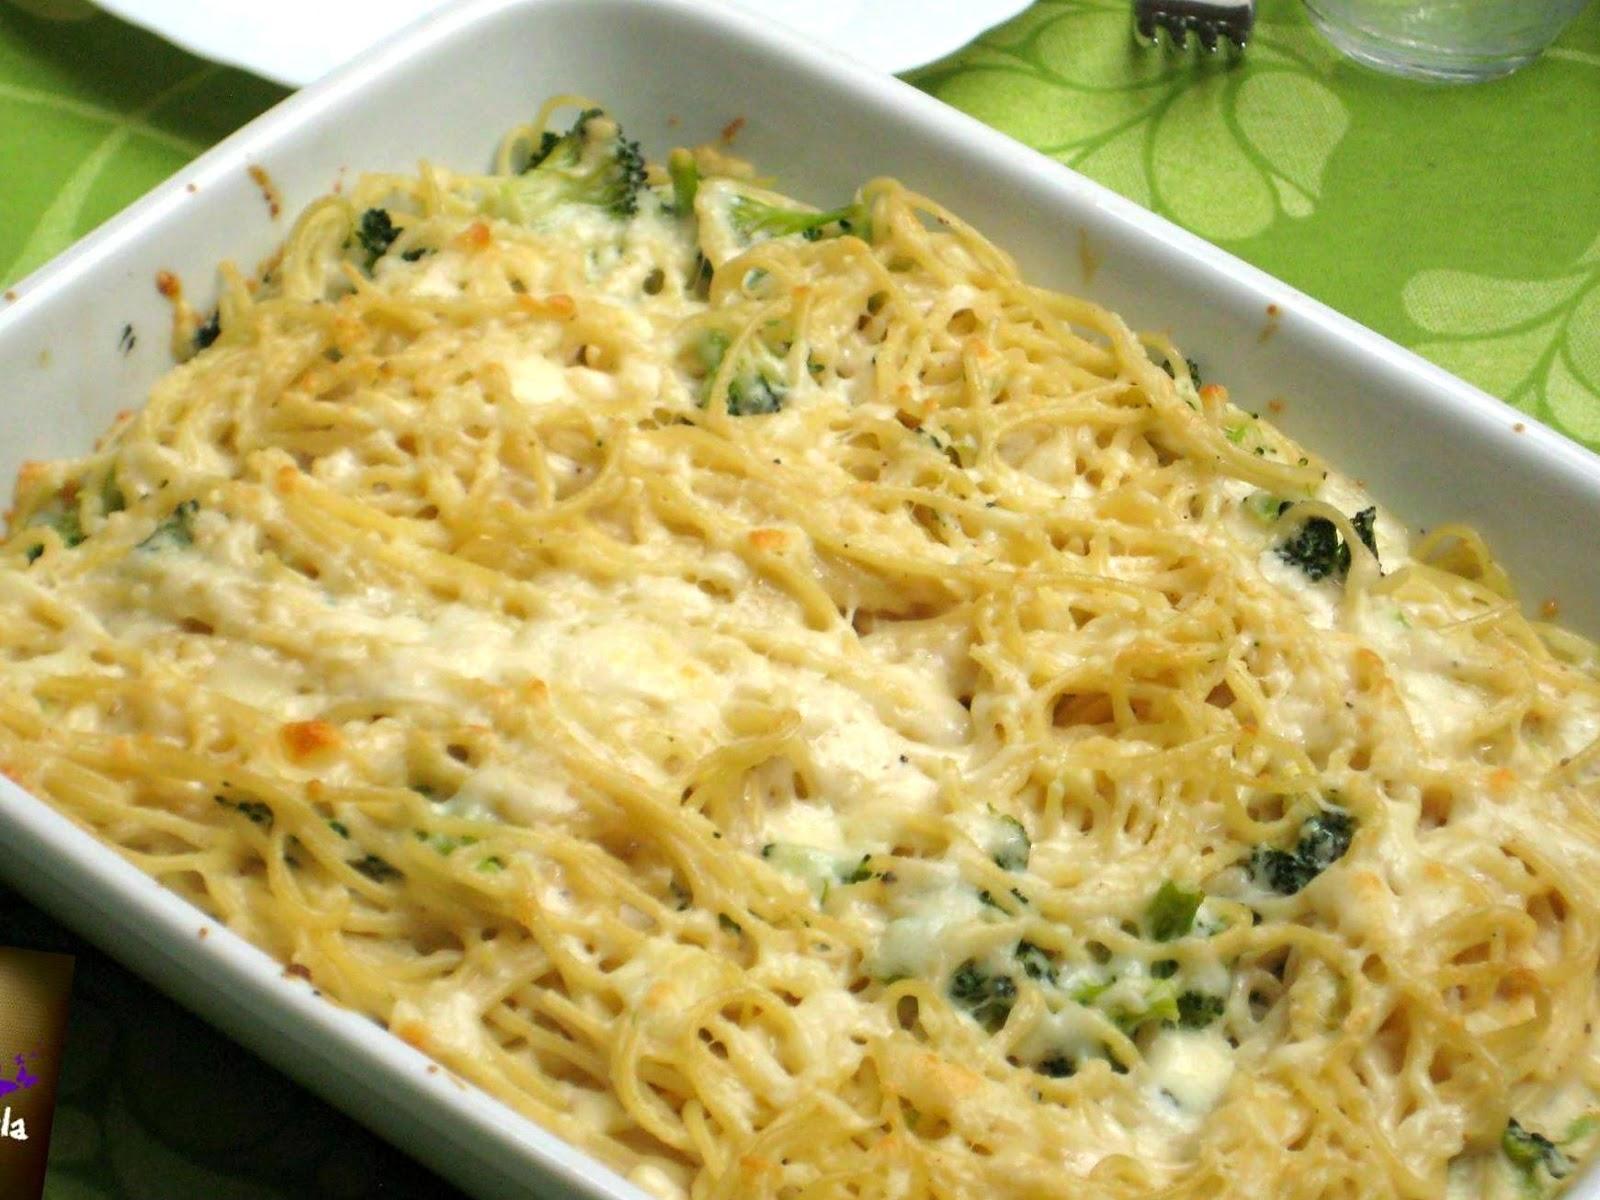 Pasta con br coli cocina - Bechamel con nata para cocinar ...